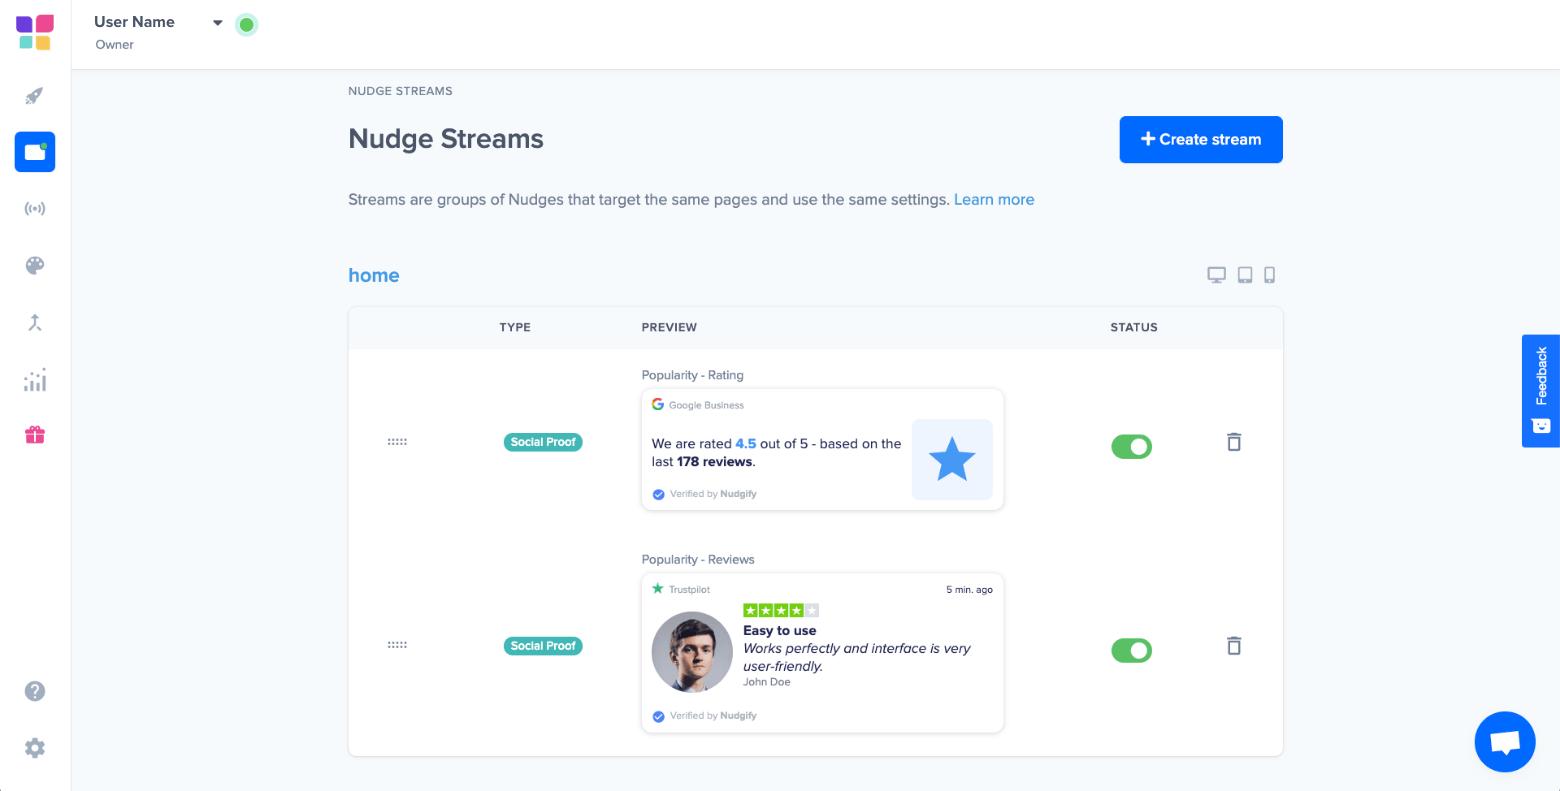 nudgify nudge streams